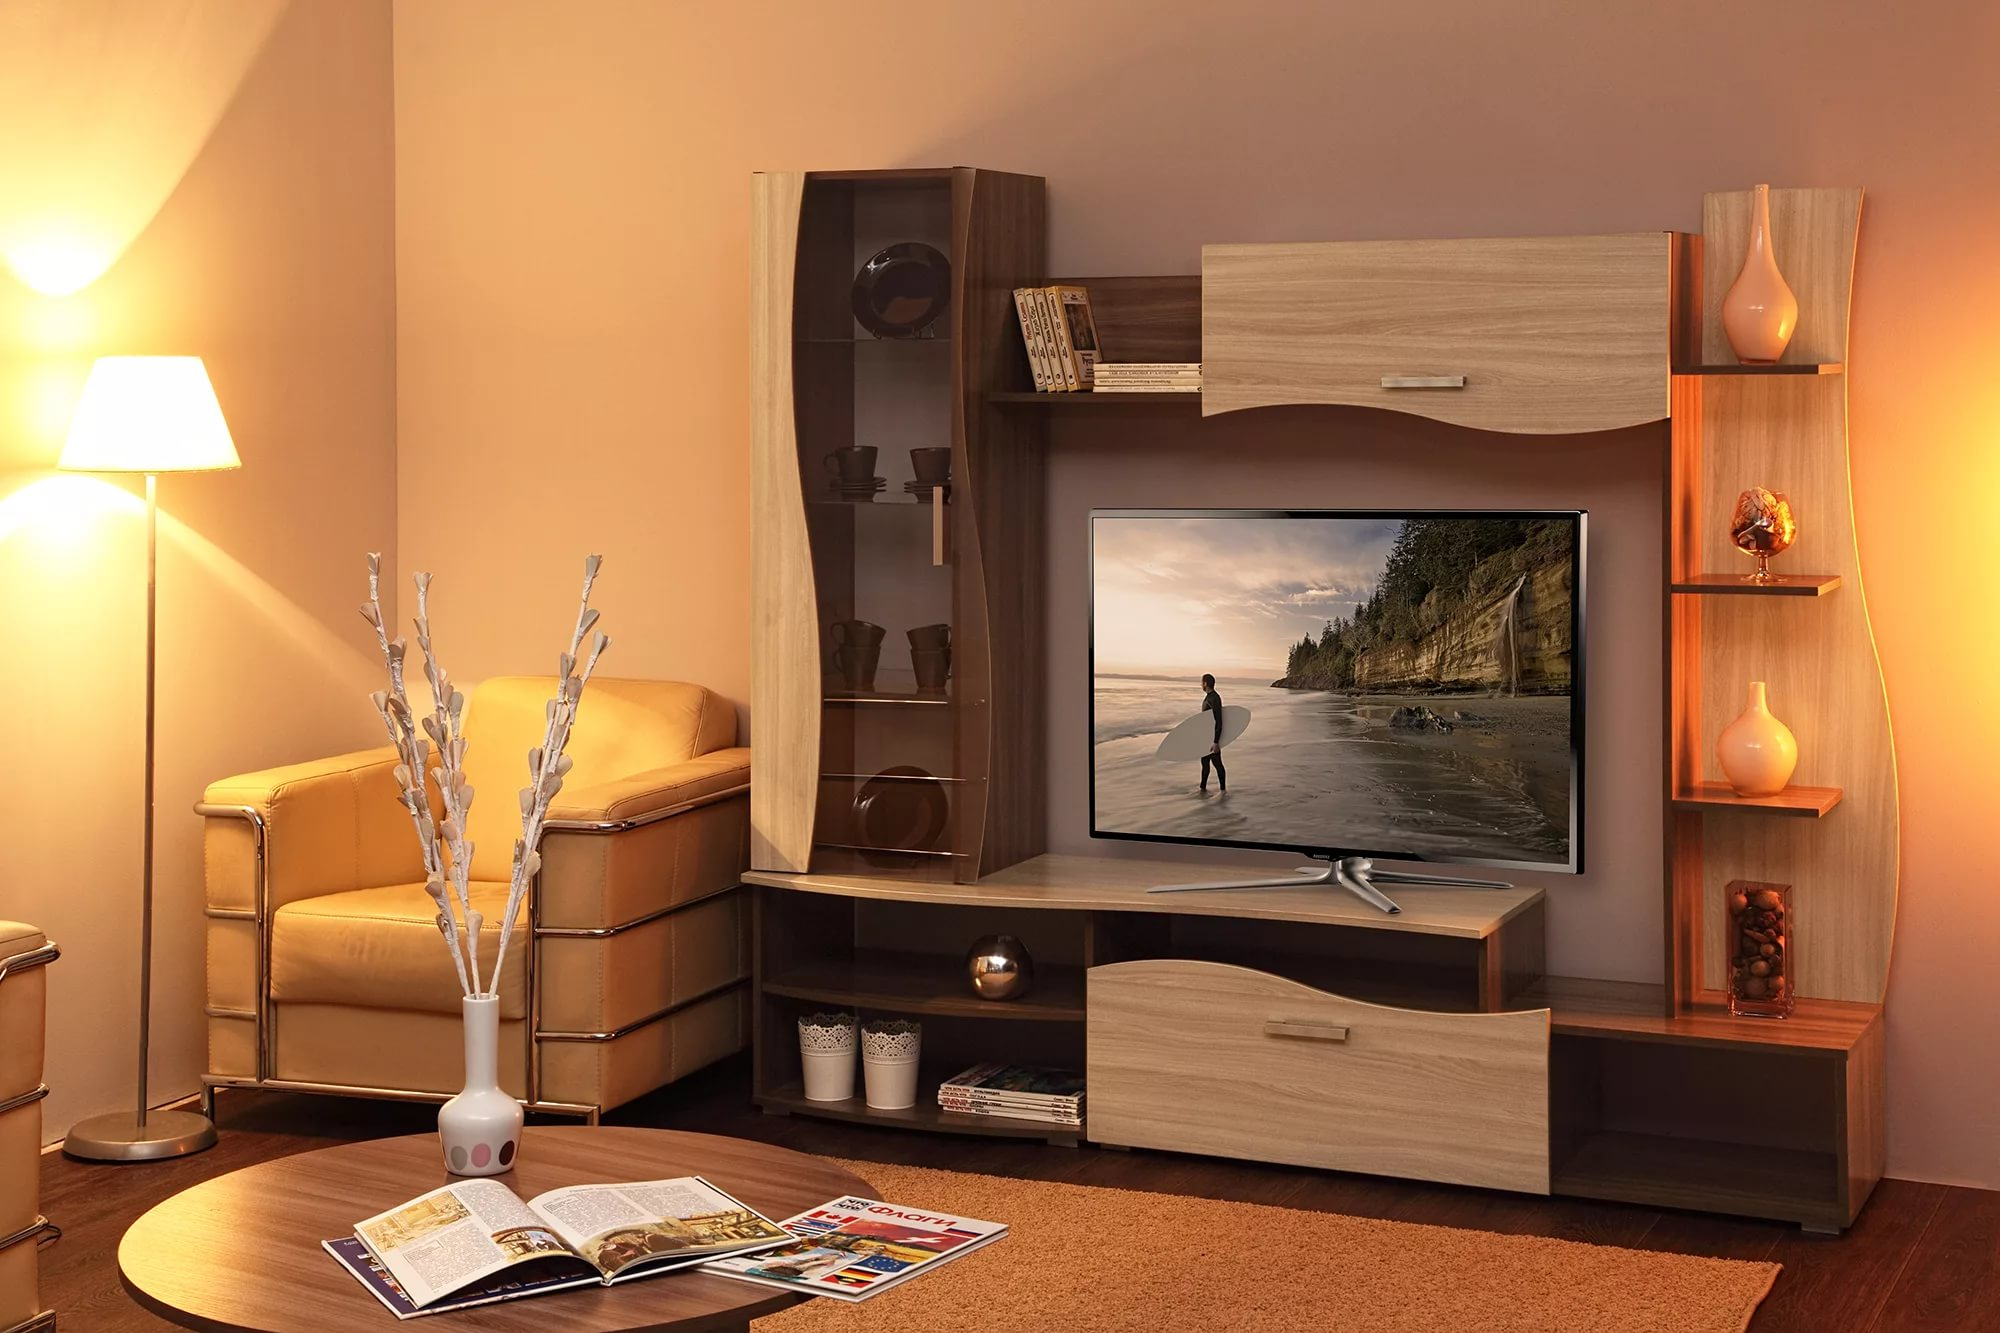 Mur TV dans le salon